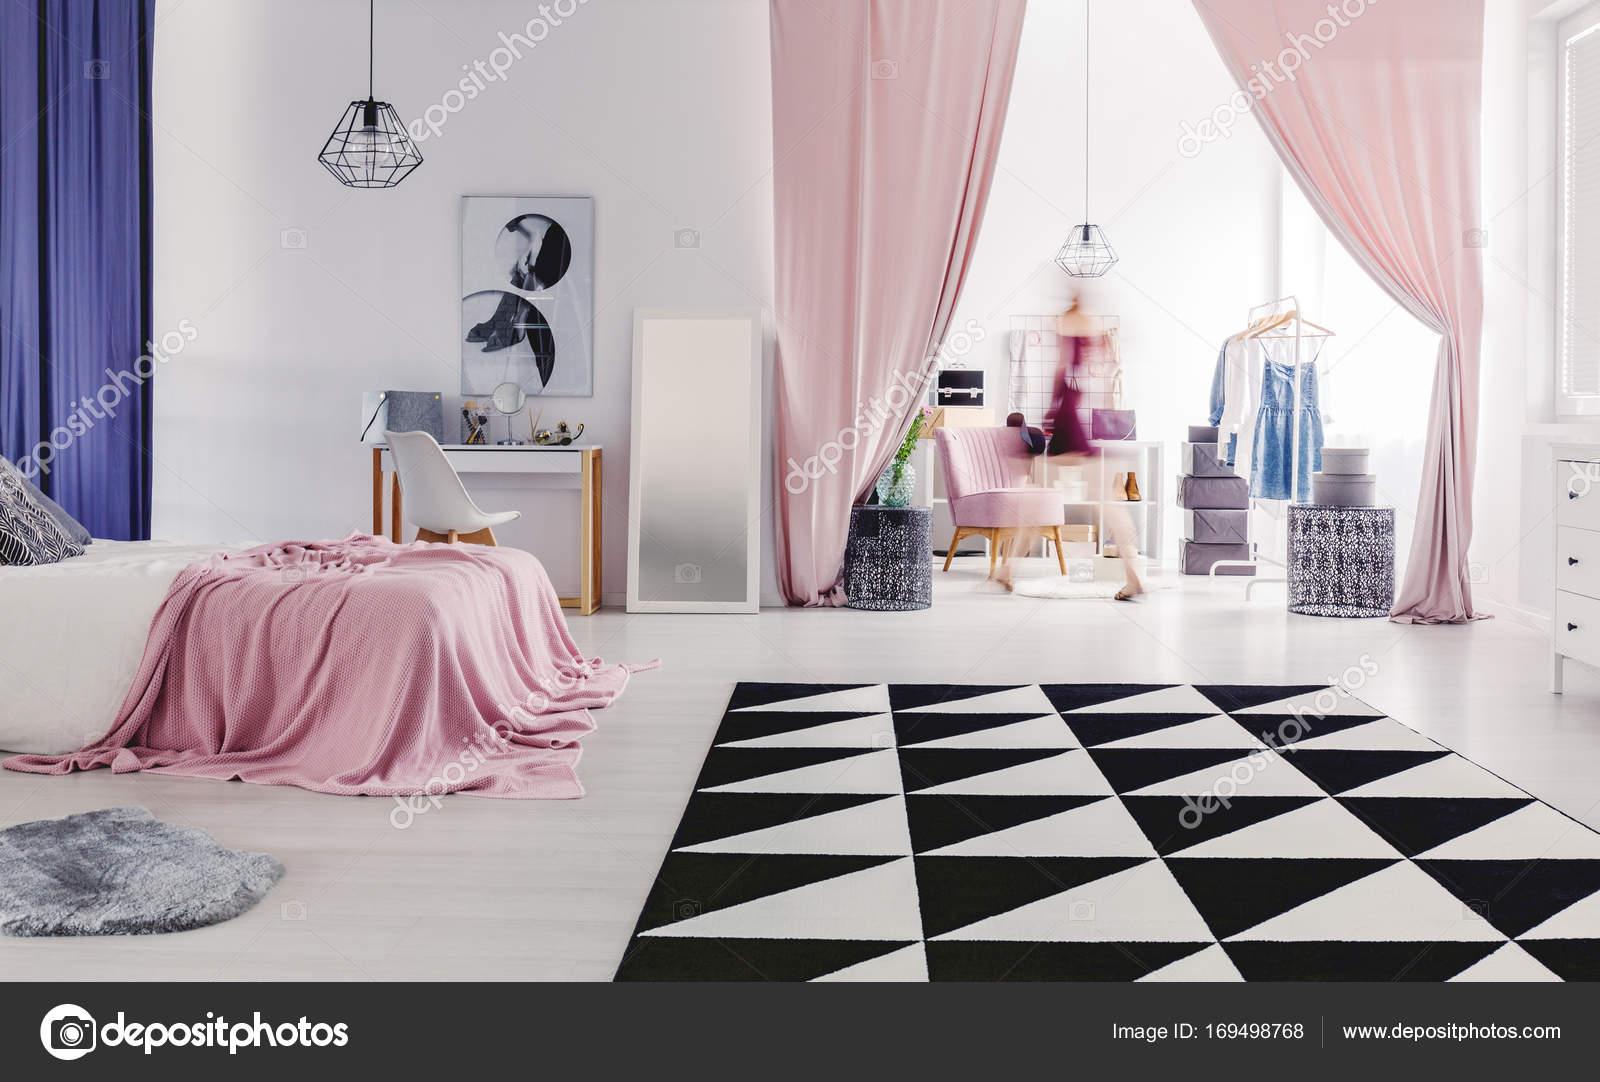 Kleedkamer In Slaapkamer : Gezellige slaapkamer met kleedkamer u2014 stockfoto © photographee.eu